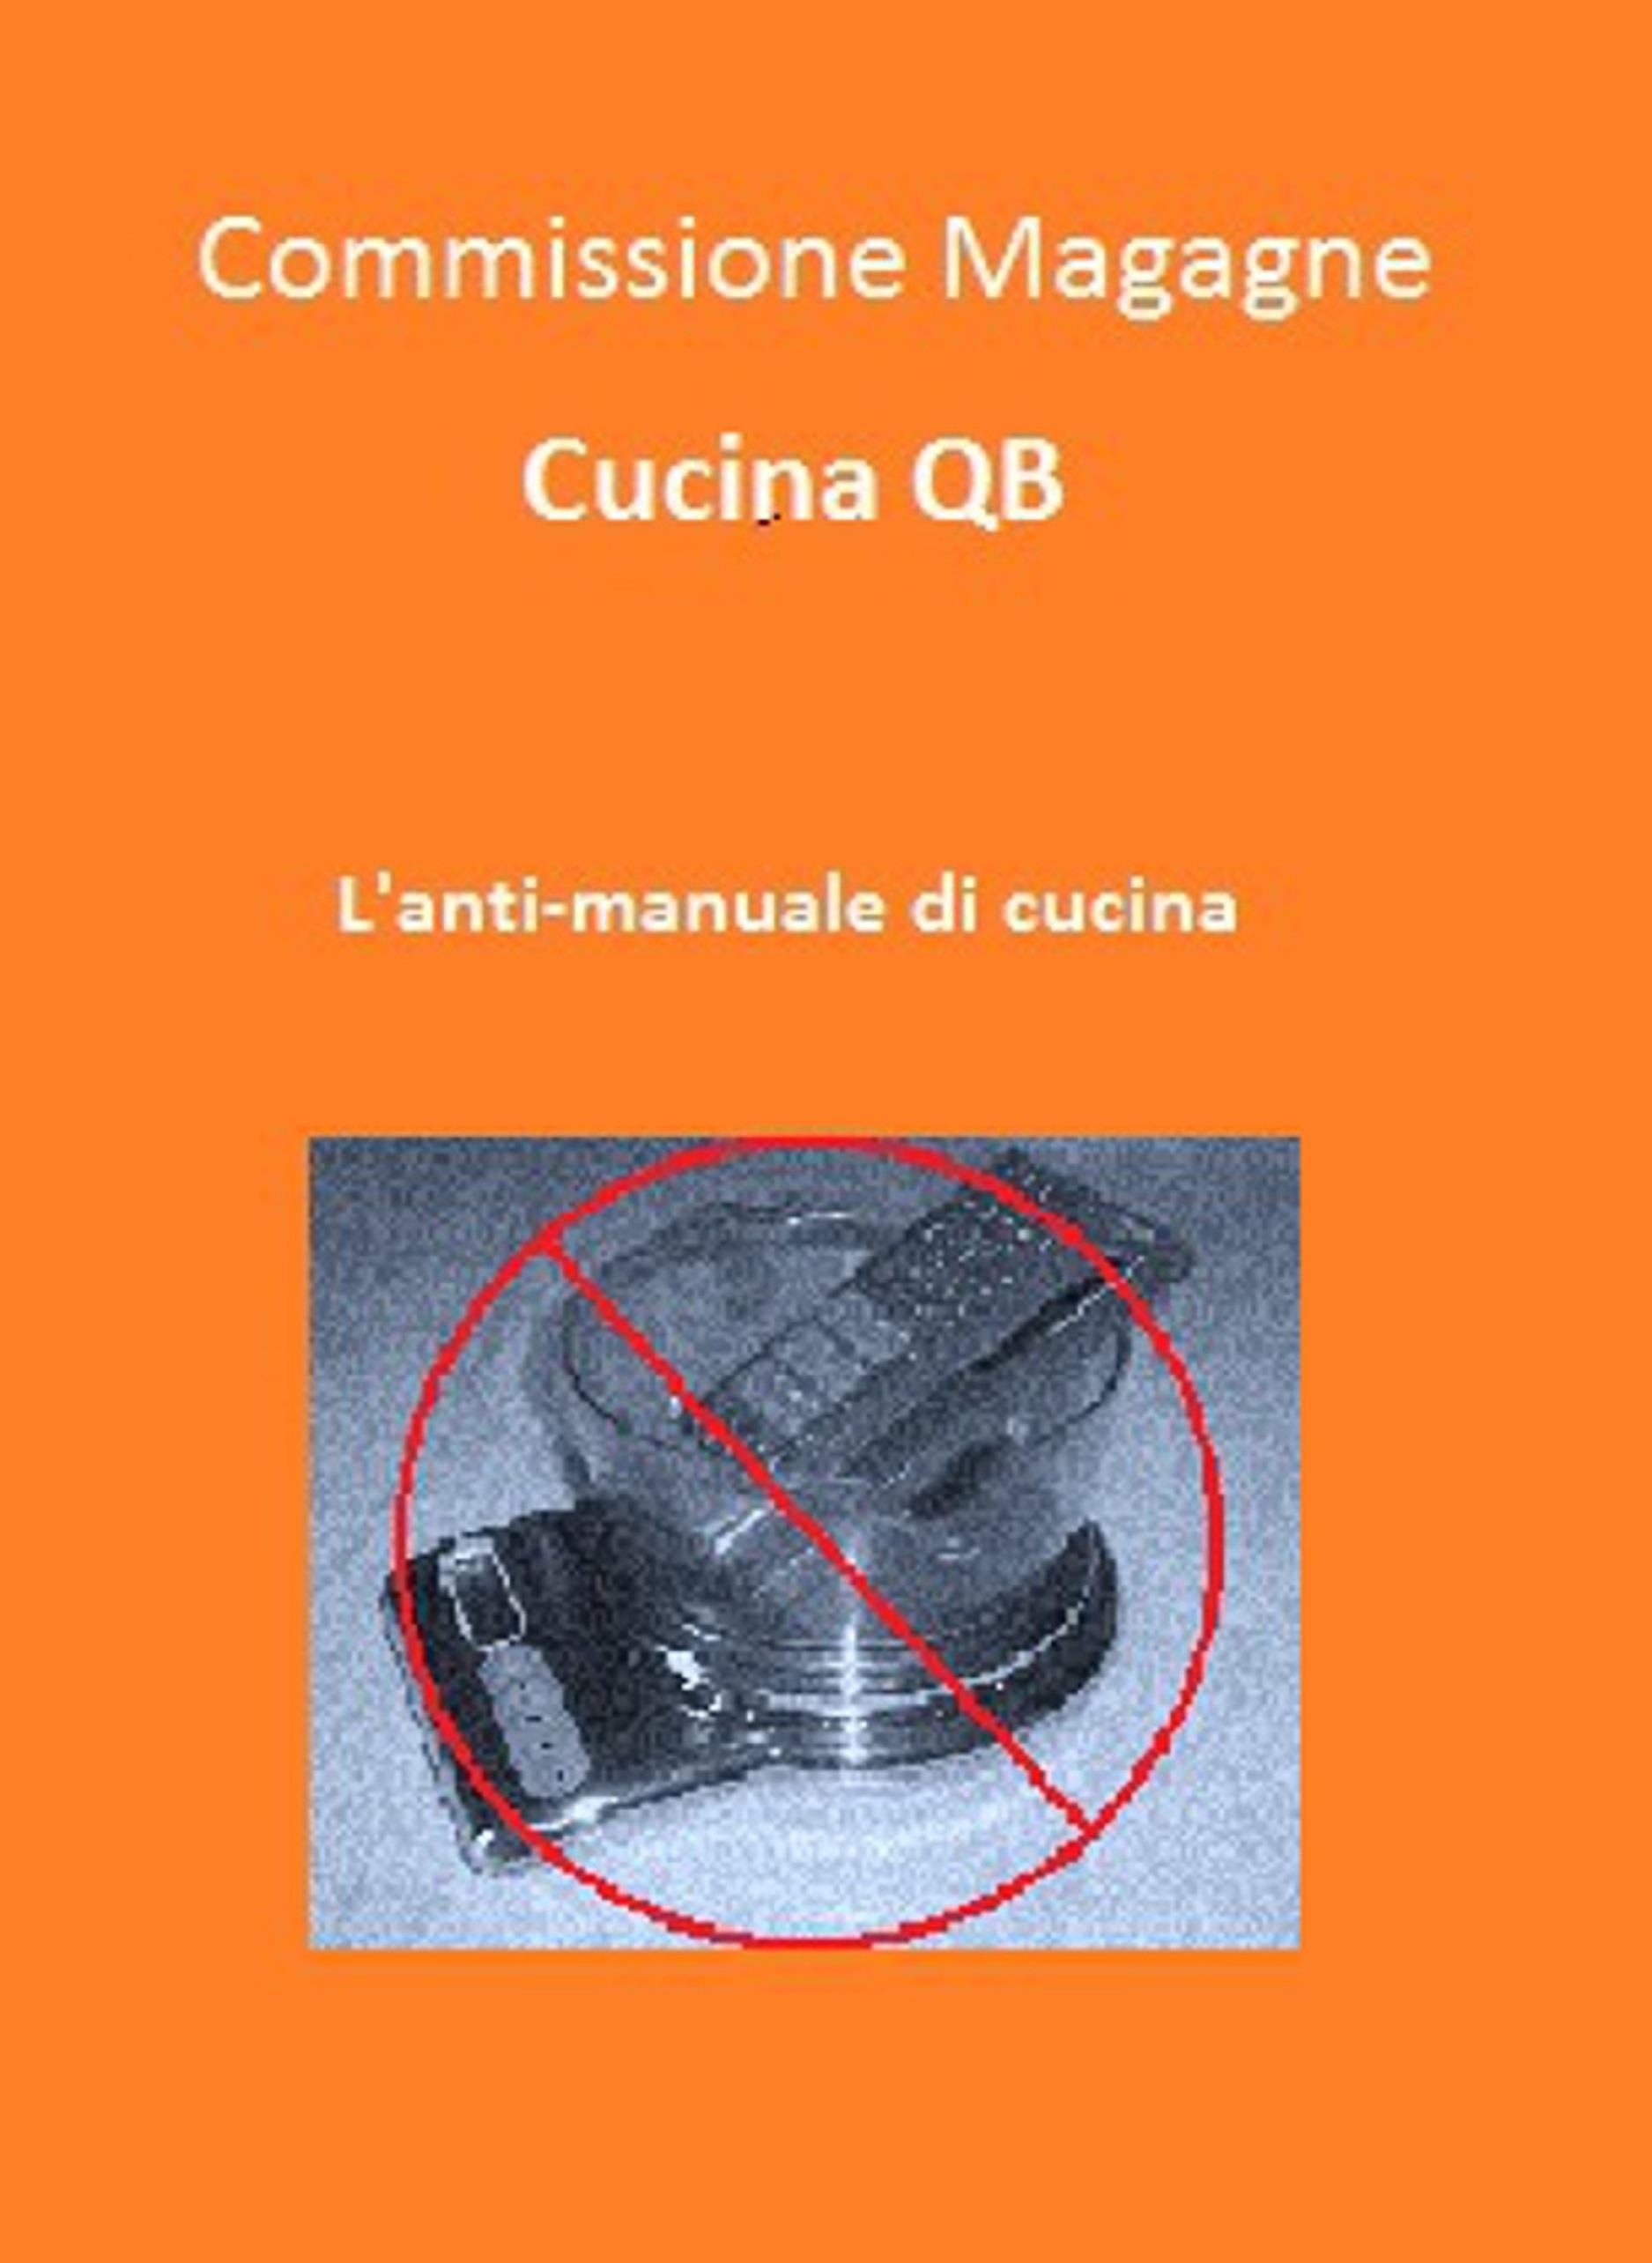 Cucina QB. L'anti-manuale di cucina